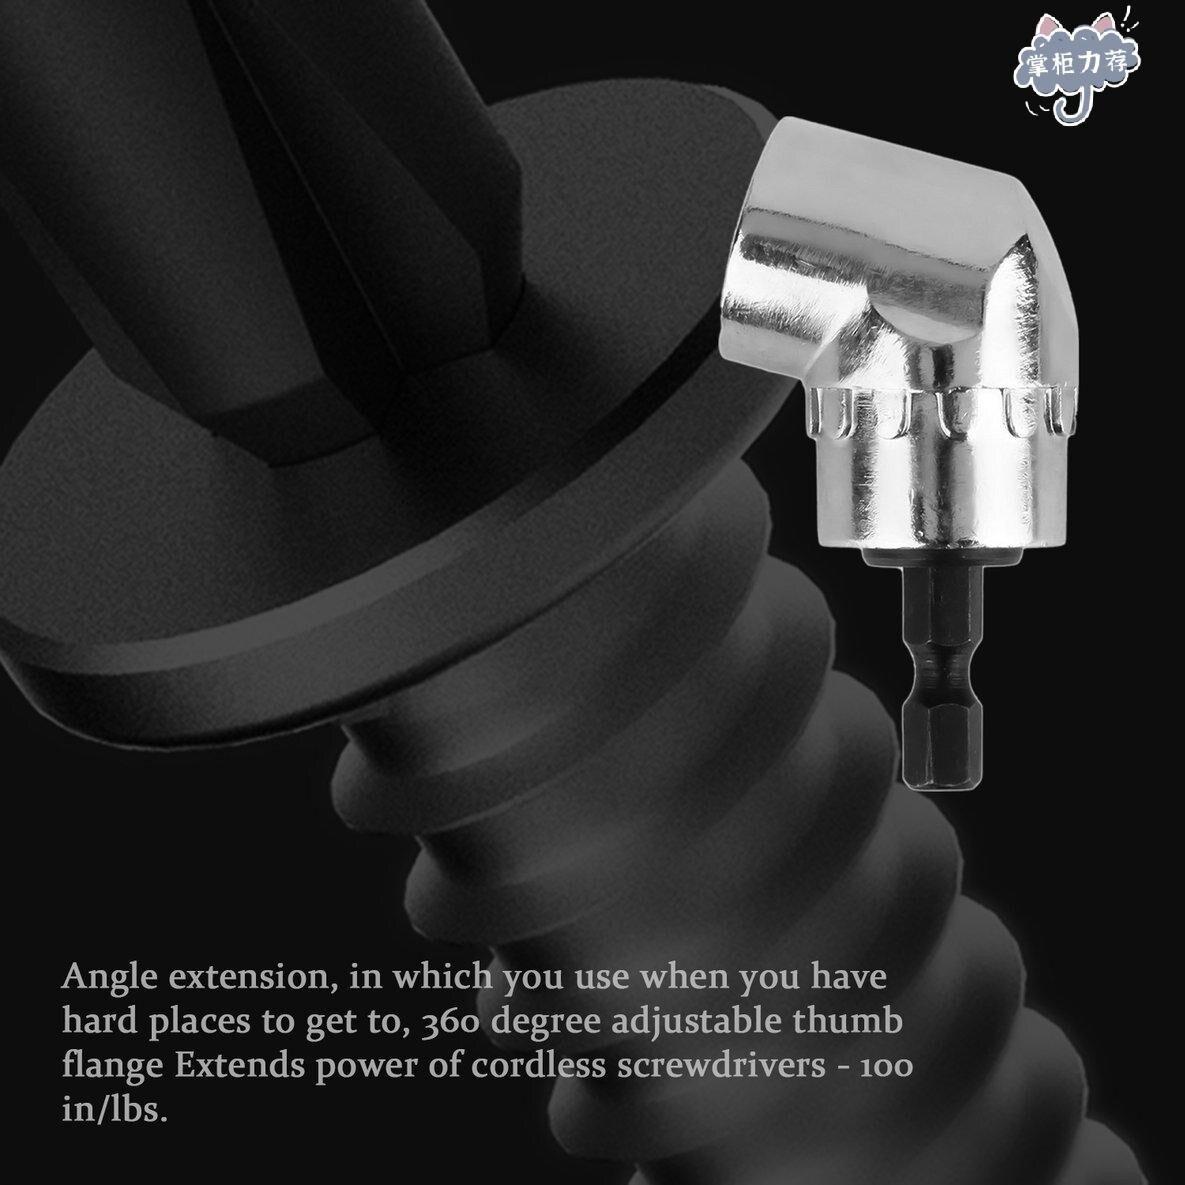 【全館免運】105角度1/4英寸加長六角鑽頭螺絲刀套筒固定器適配器新品上架clickstorevip